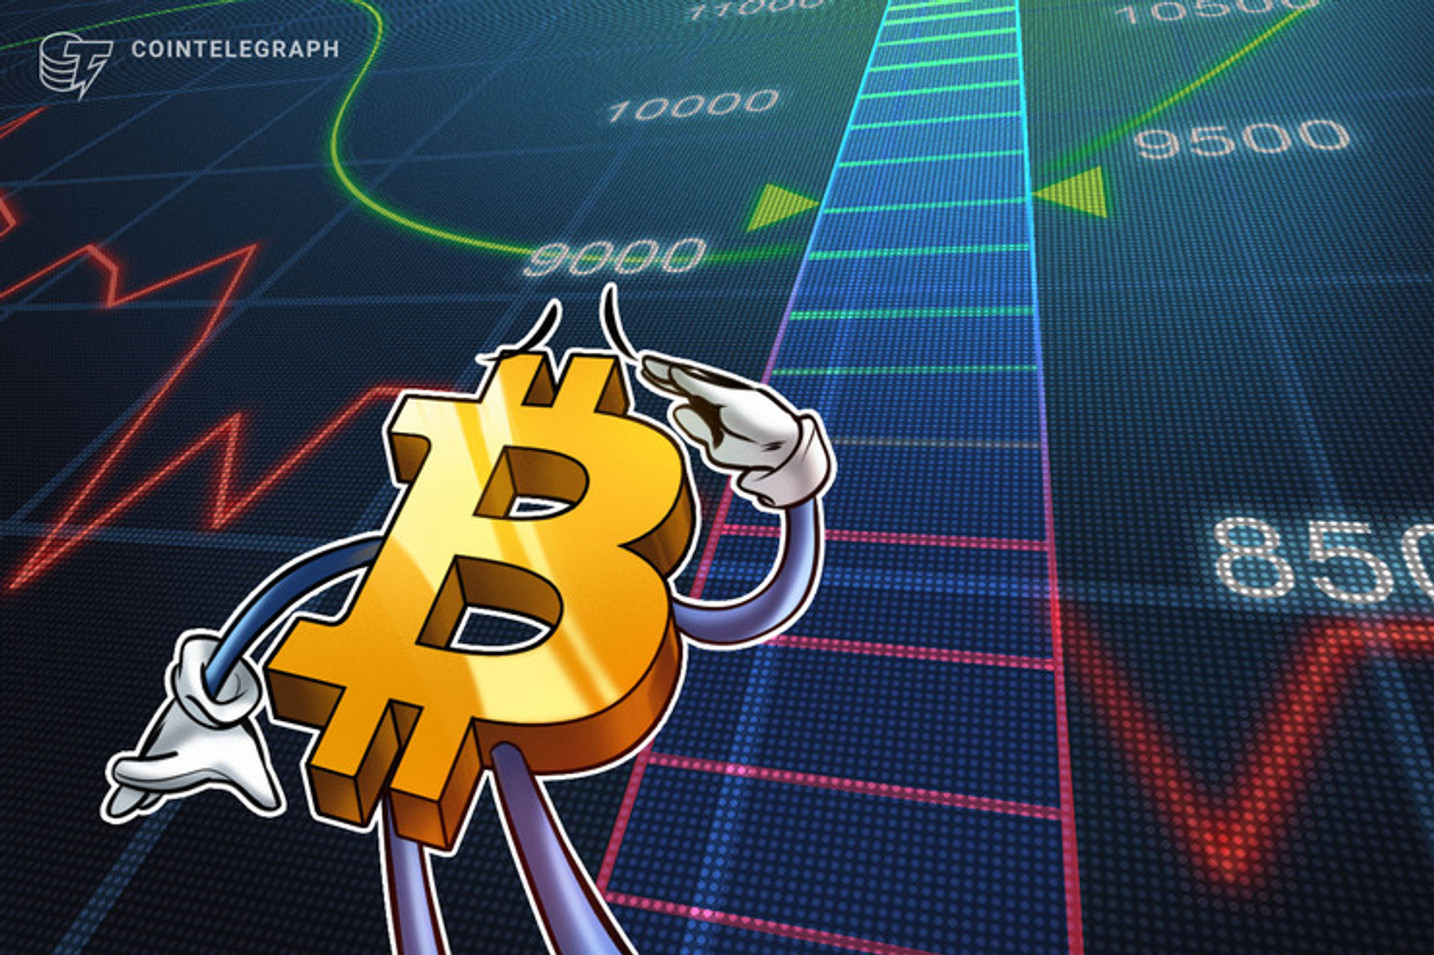 Cosmos y Cardano son las únicas altcoins que ganan terreno en medio de la Navidad roja, mientras que Bitcoin cae al pasar resistencia